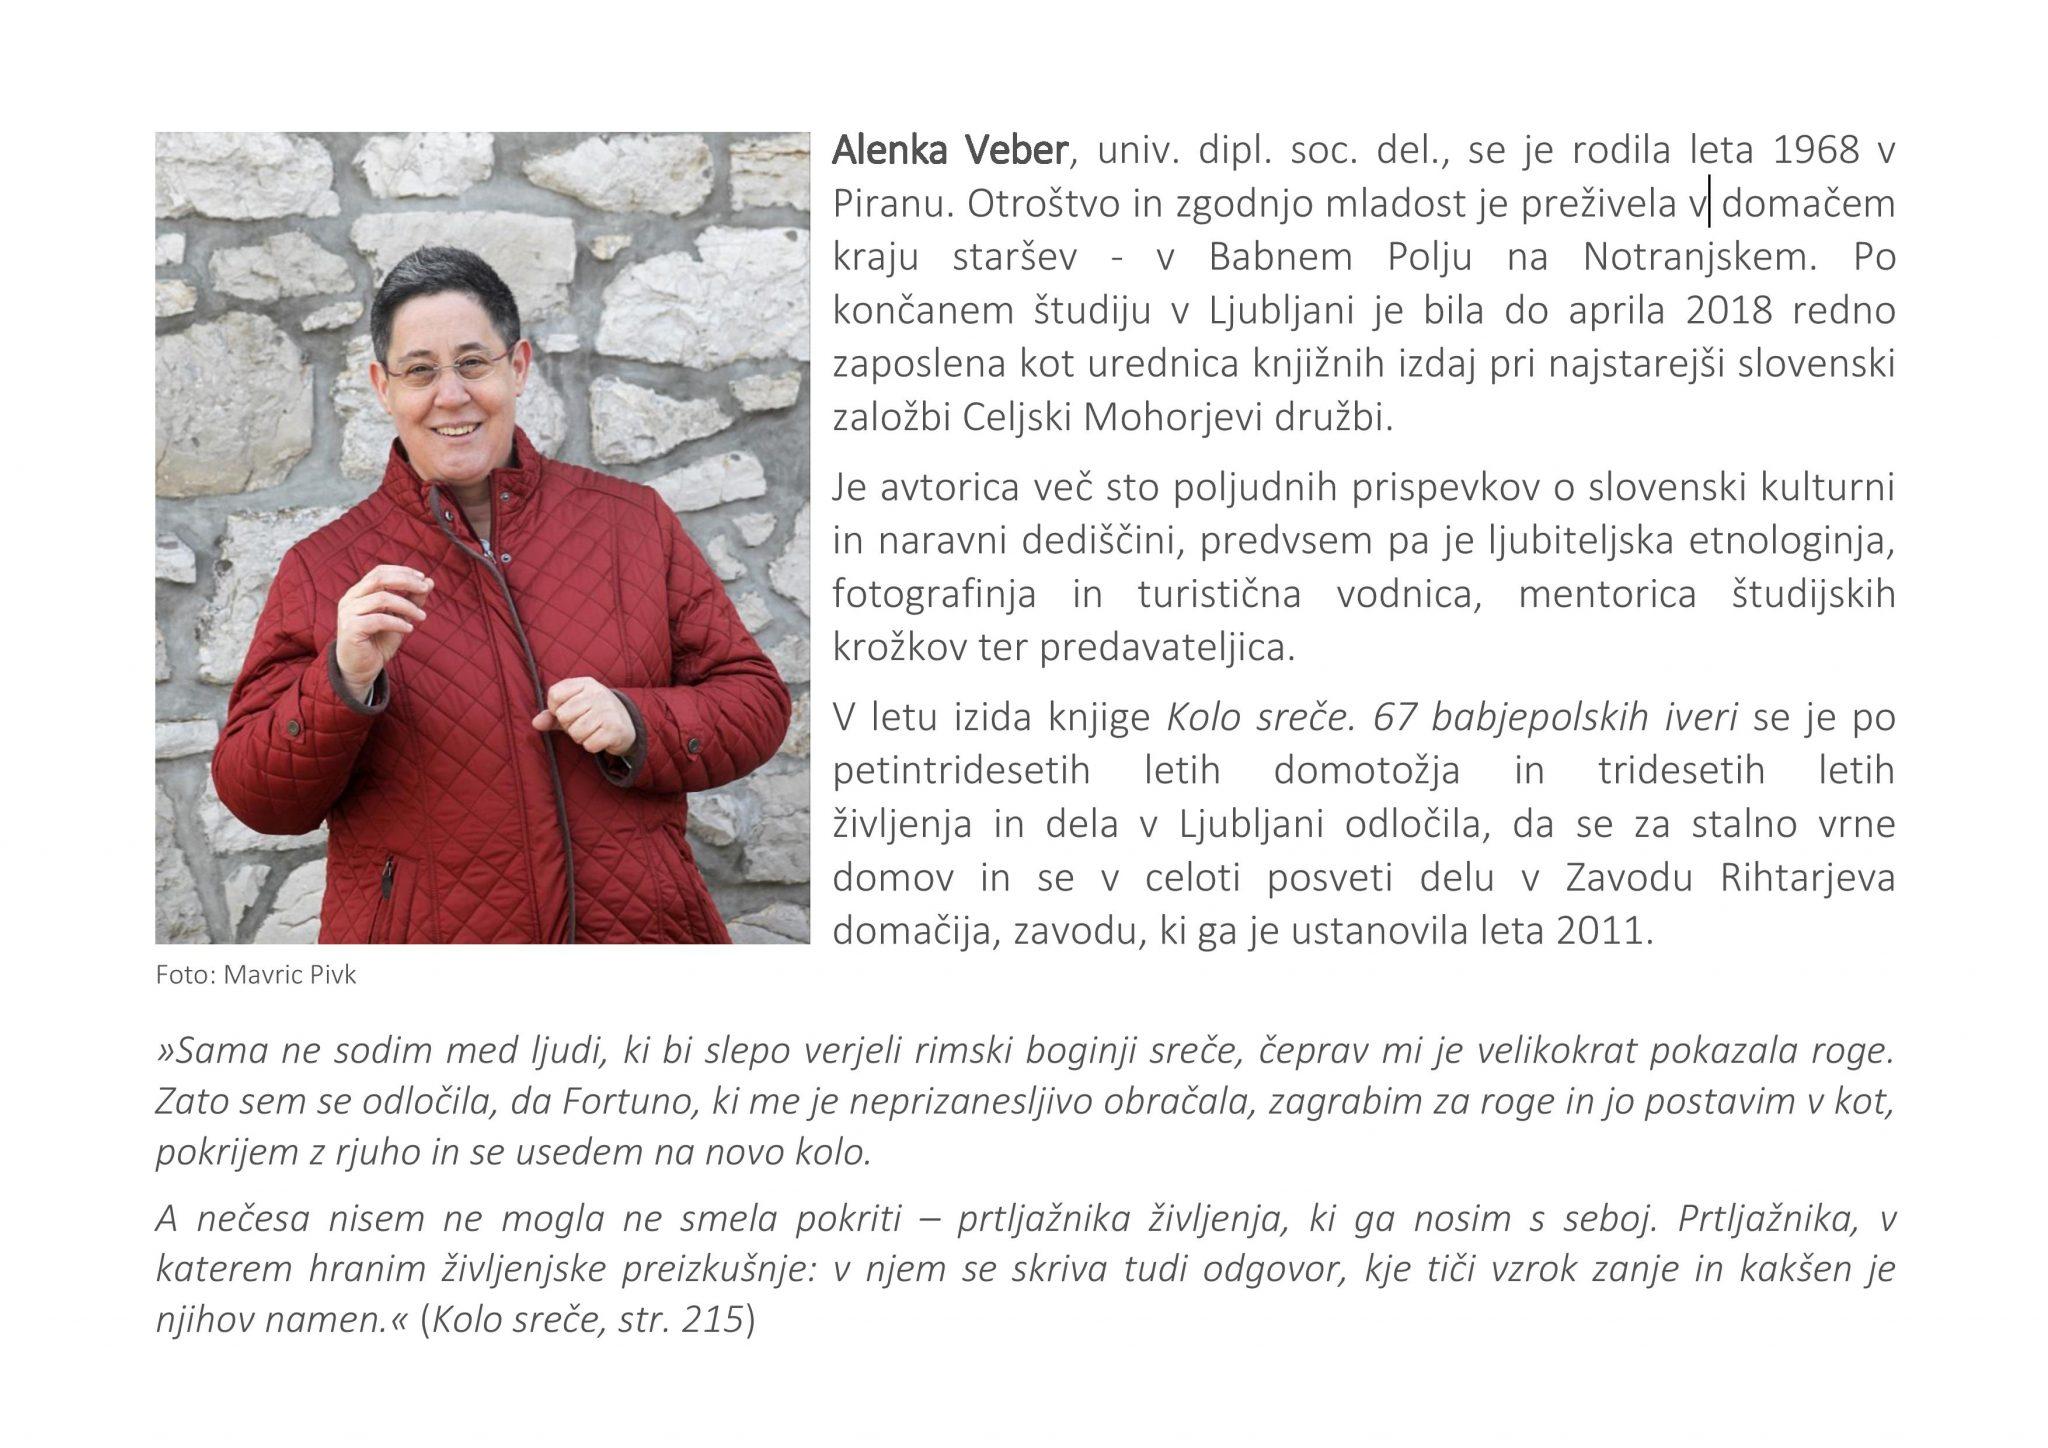 kolo.srece vabilo page 002 - Alenka Veber – Kolo sreče. 67 babjepolskih iveri – predstavitev knjige